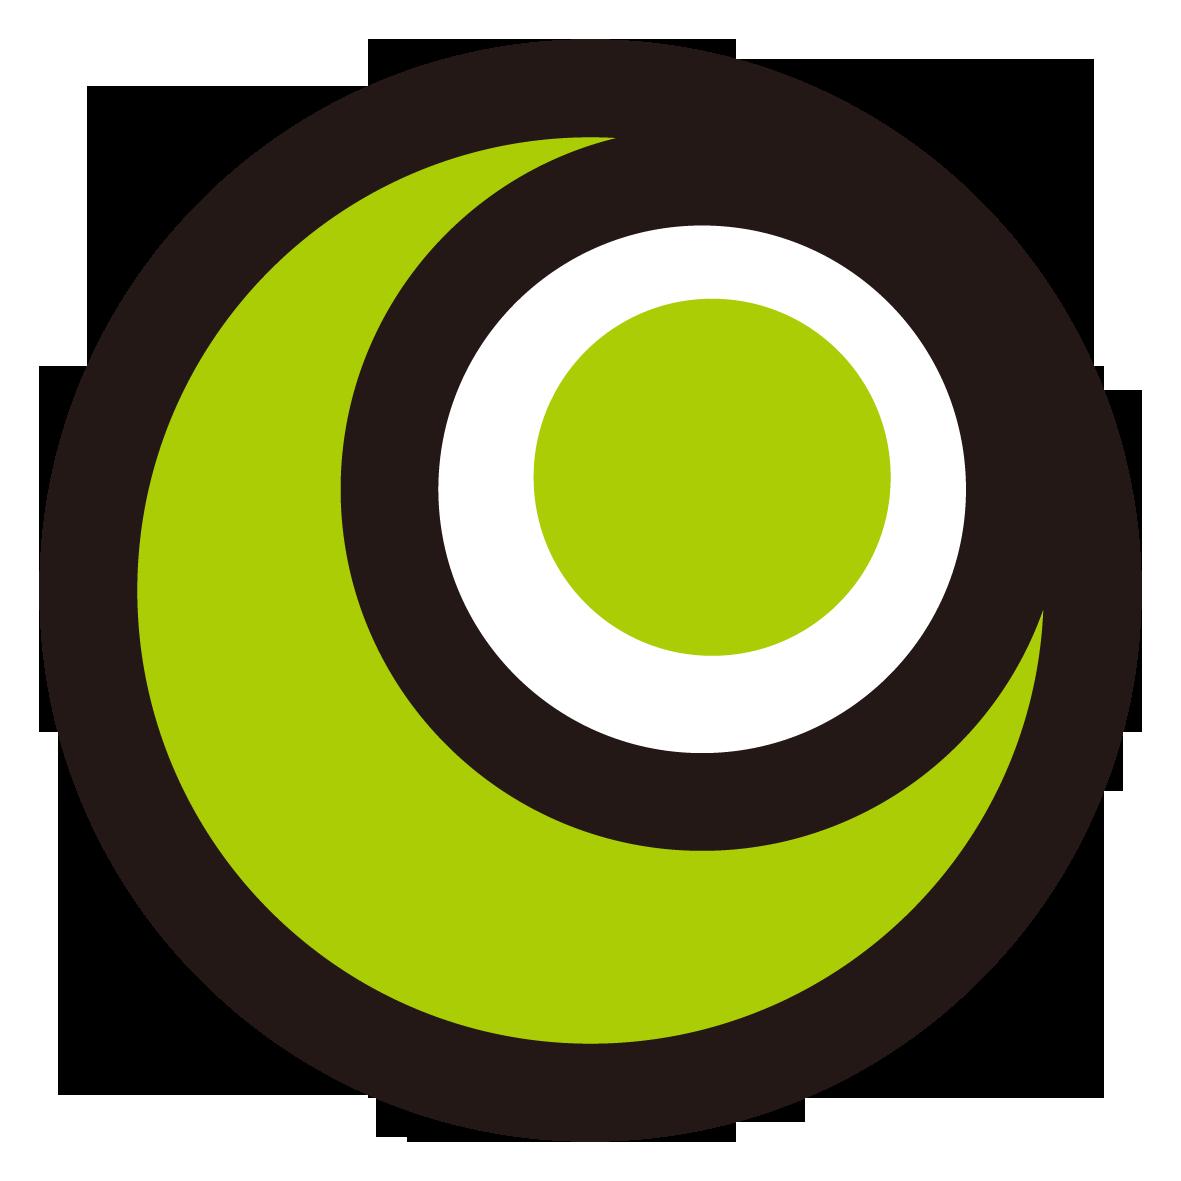 建築/建設/設備/設計/造園と親しみ/優しいと緑のロゴ